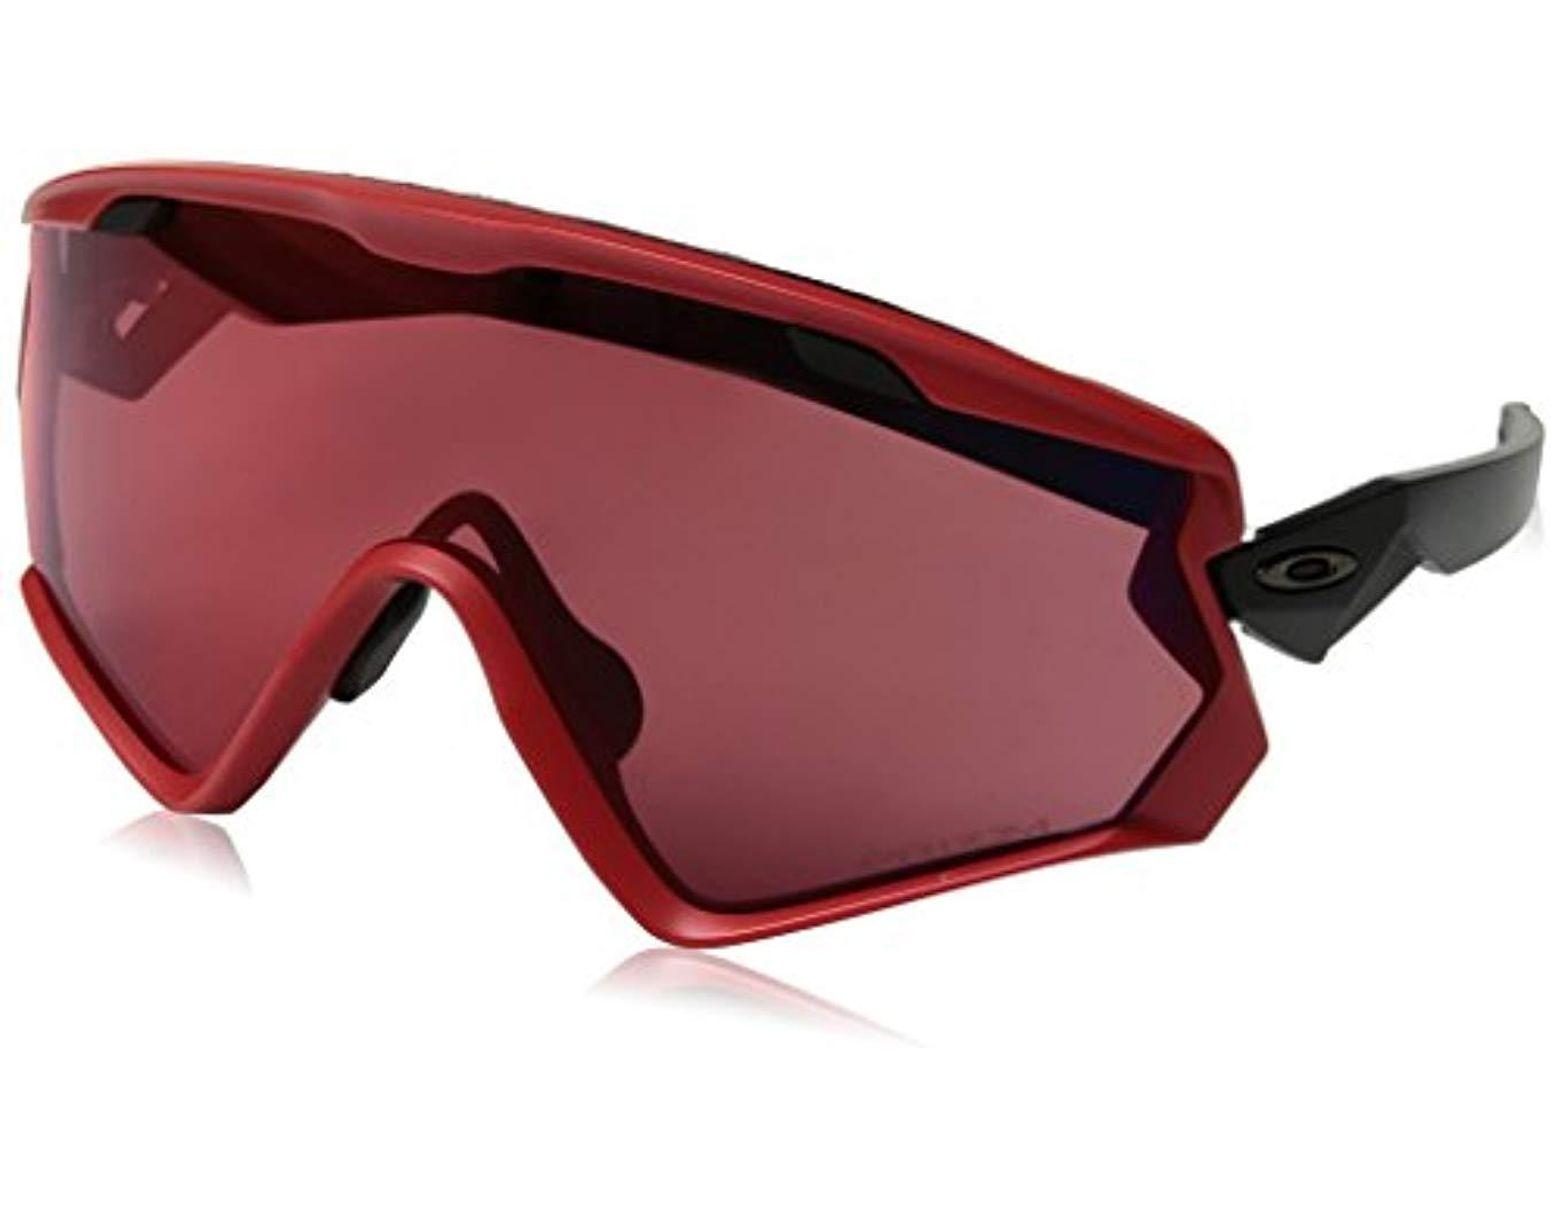 0 941806 De Rouge LunettesBleuviper Coloris Wind 2 Jacket Montures RedHomme qRL345Aj